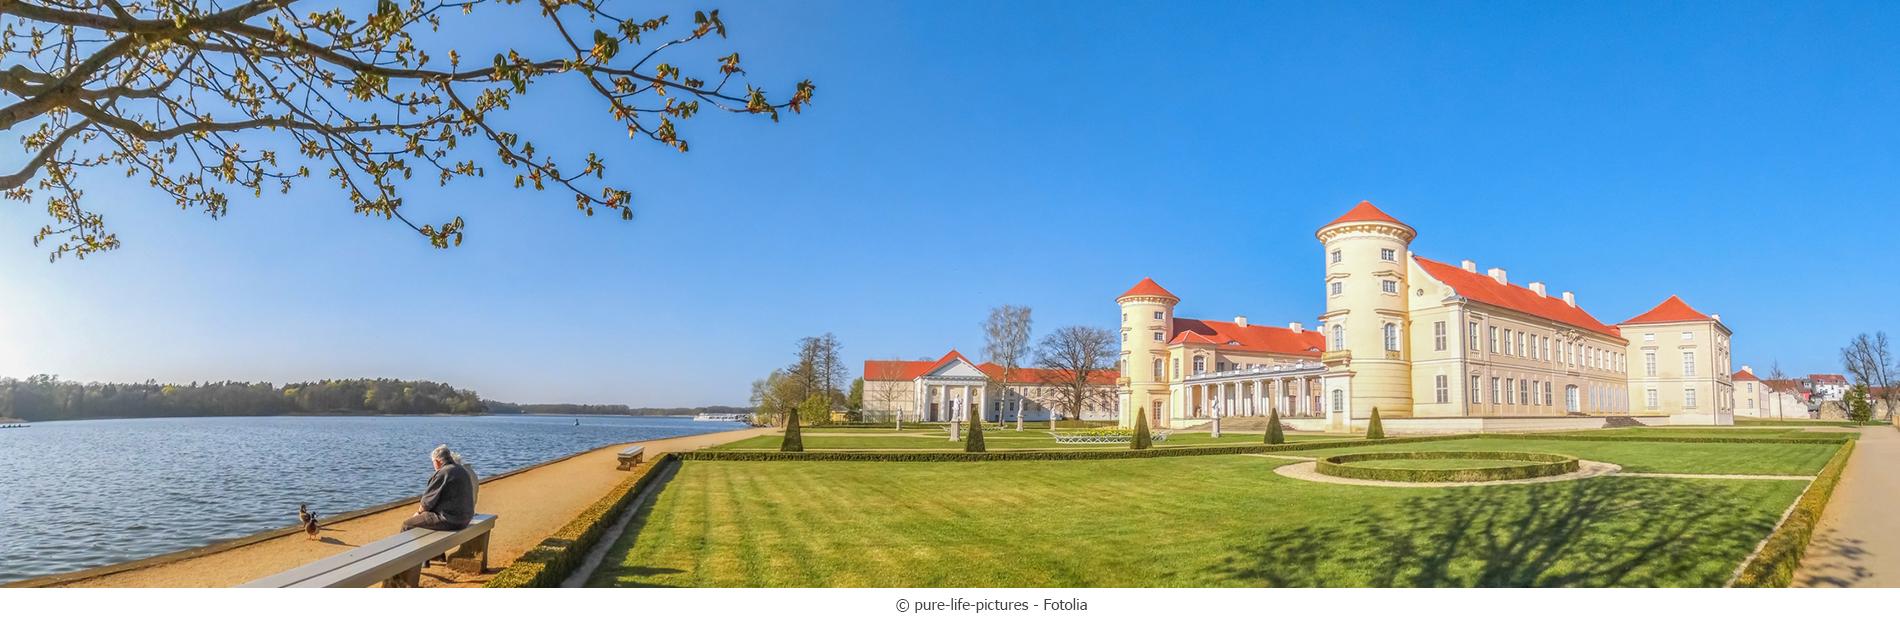 Schloss-Rheinsberg